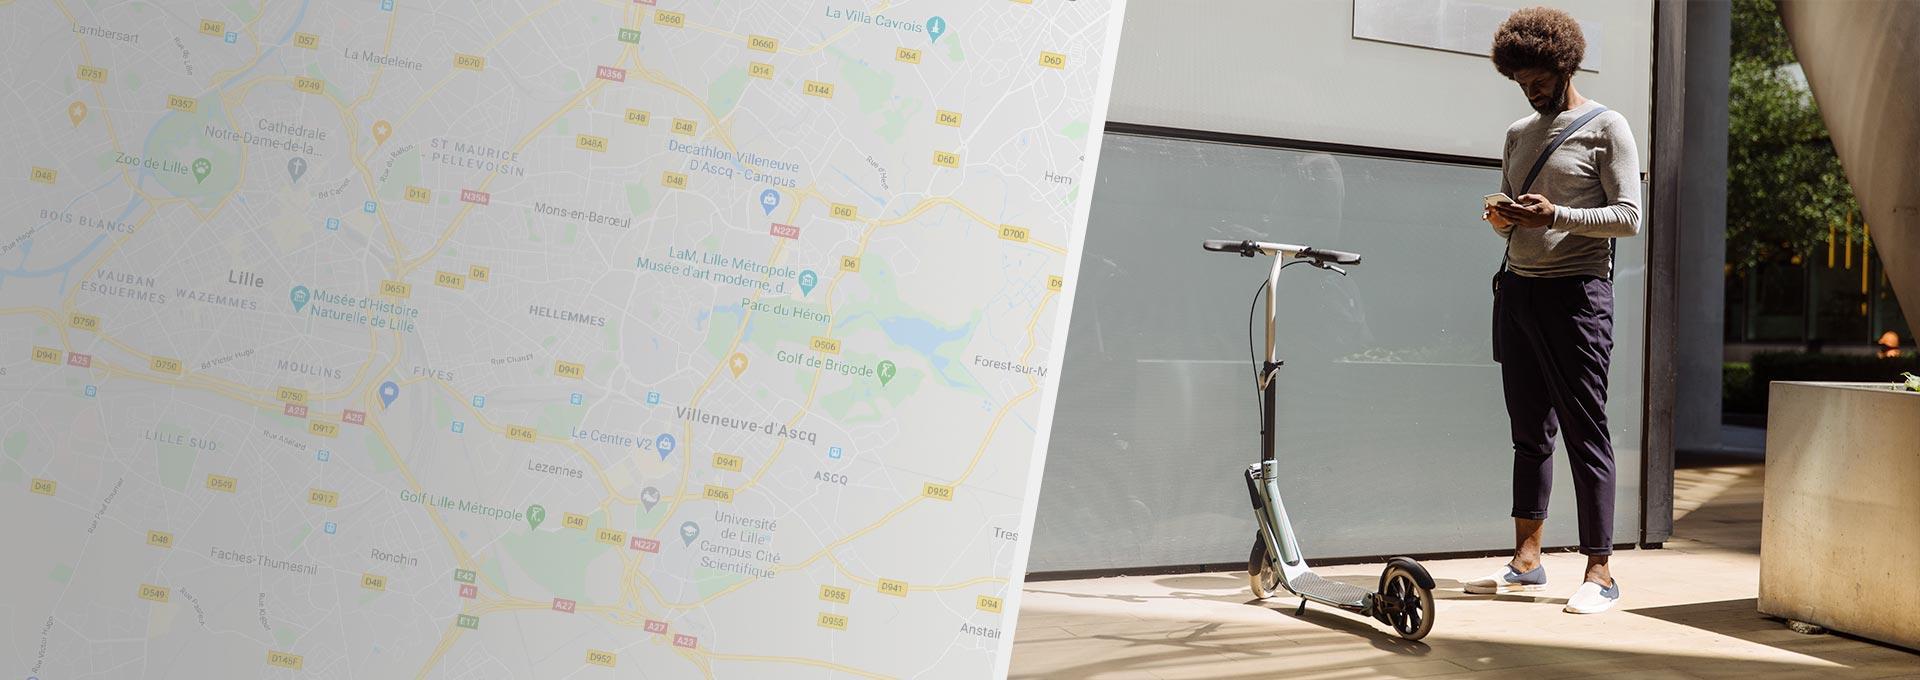 mobilité douce urbaine